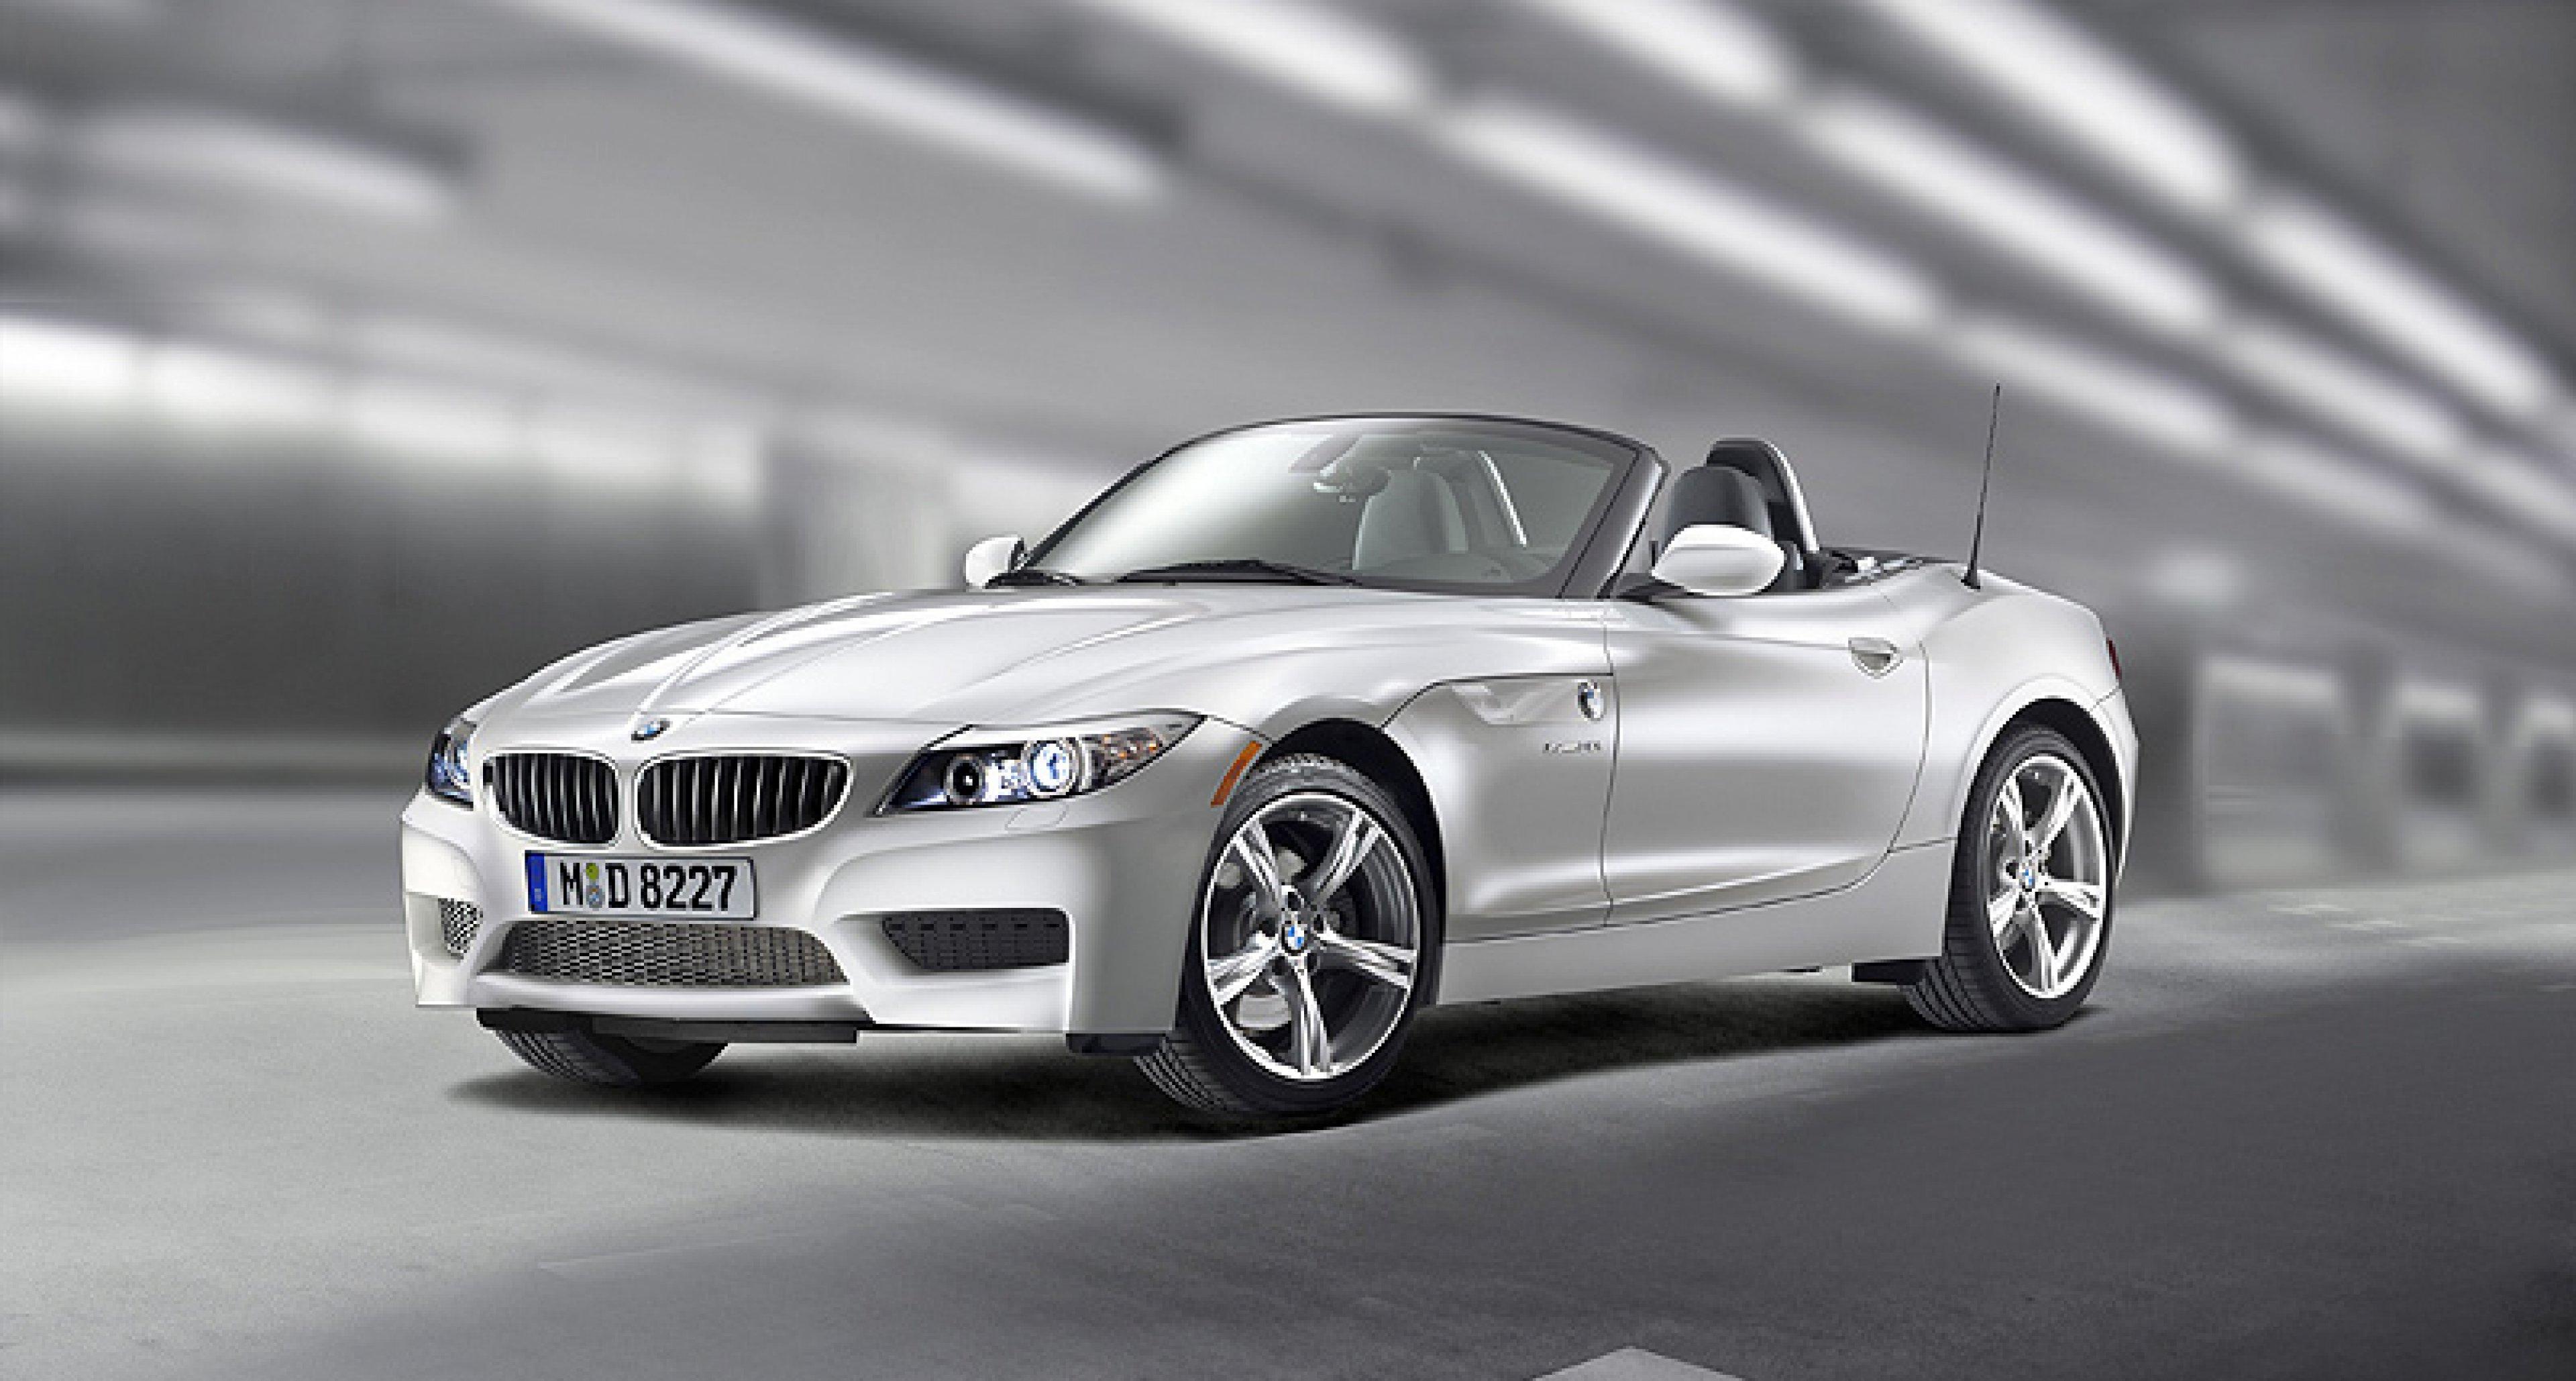 BMW Z4 sDrive35is: Leistung auf M-Niveau